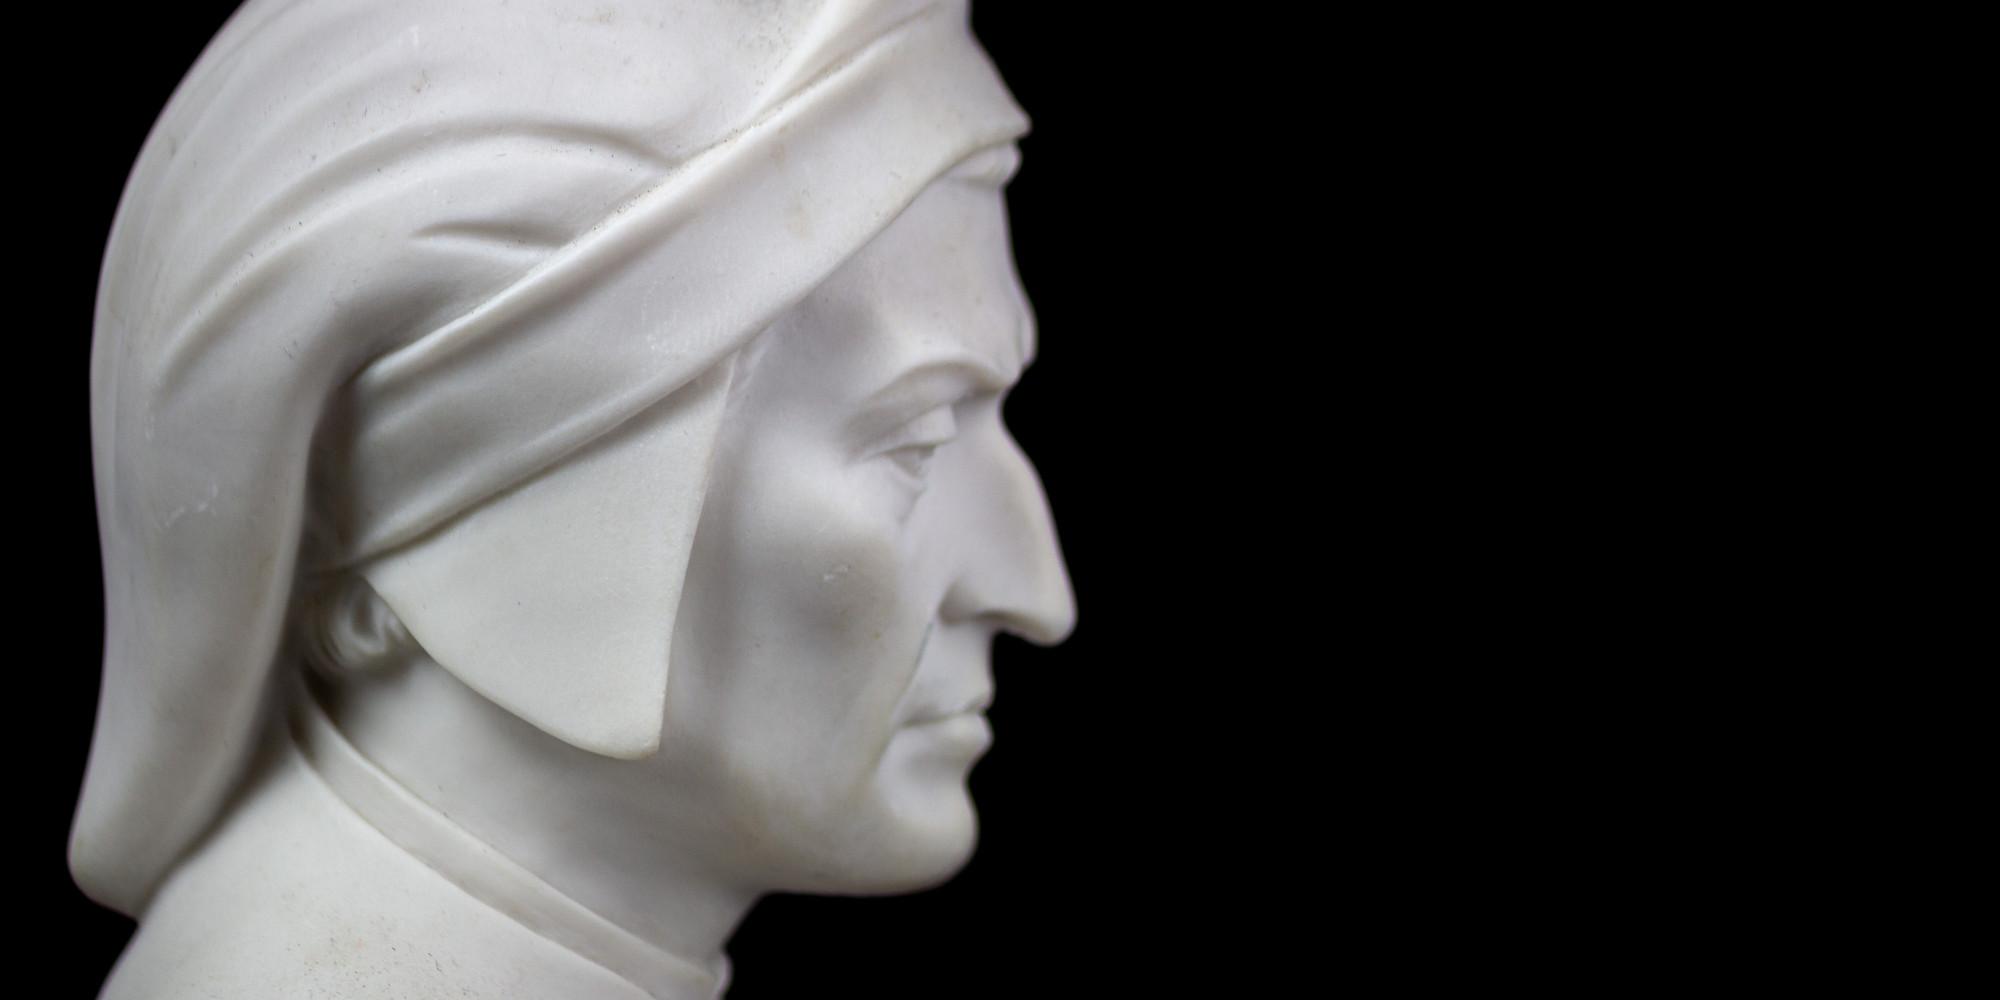 Cacce e animali nella Divina Commedia: statua di Dante Alighieri